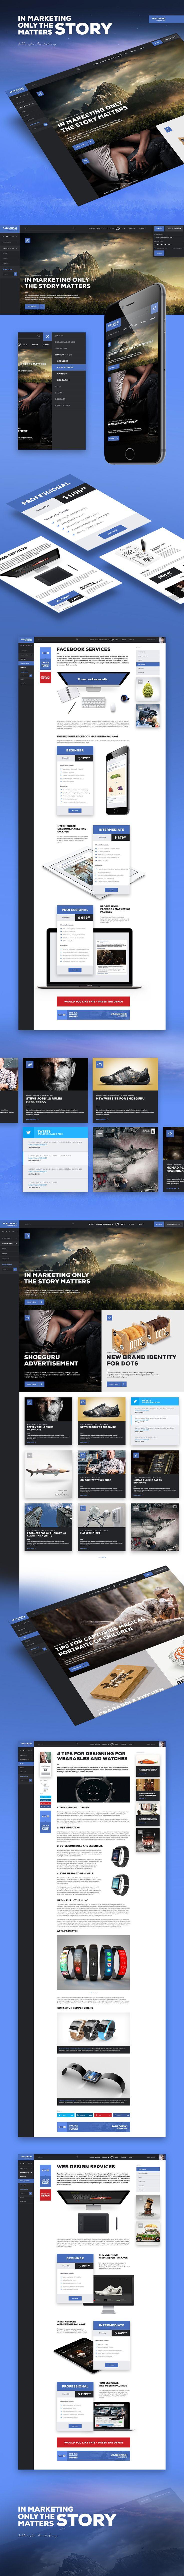 Jablonski Marketing UX & Branding on Behance